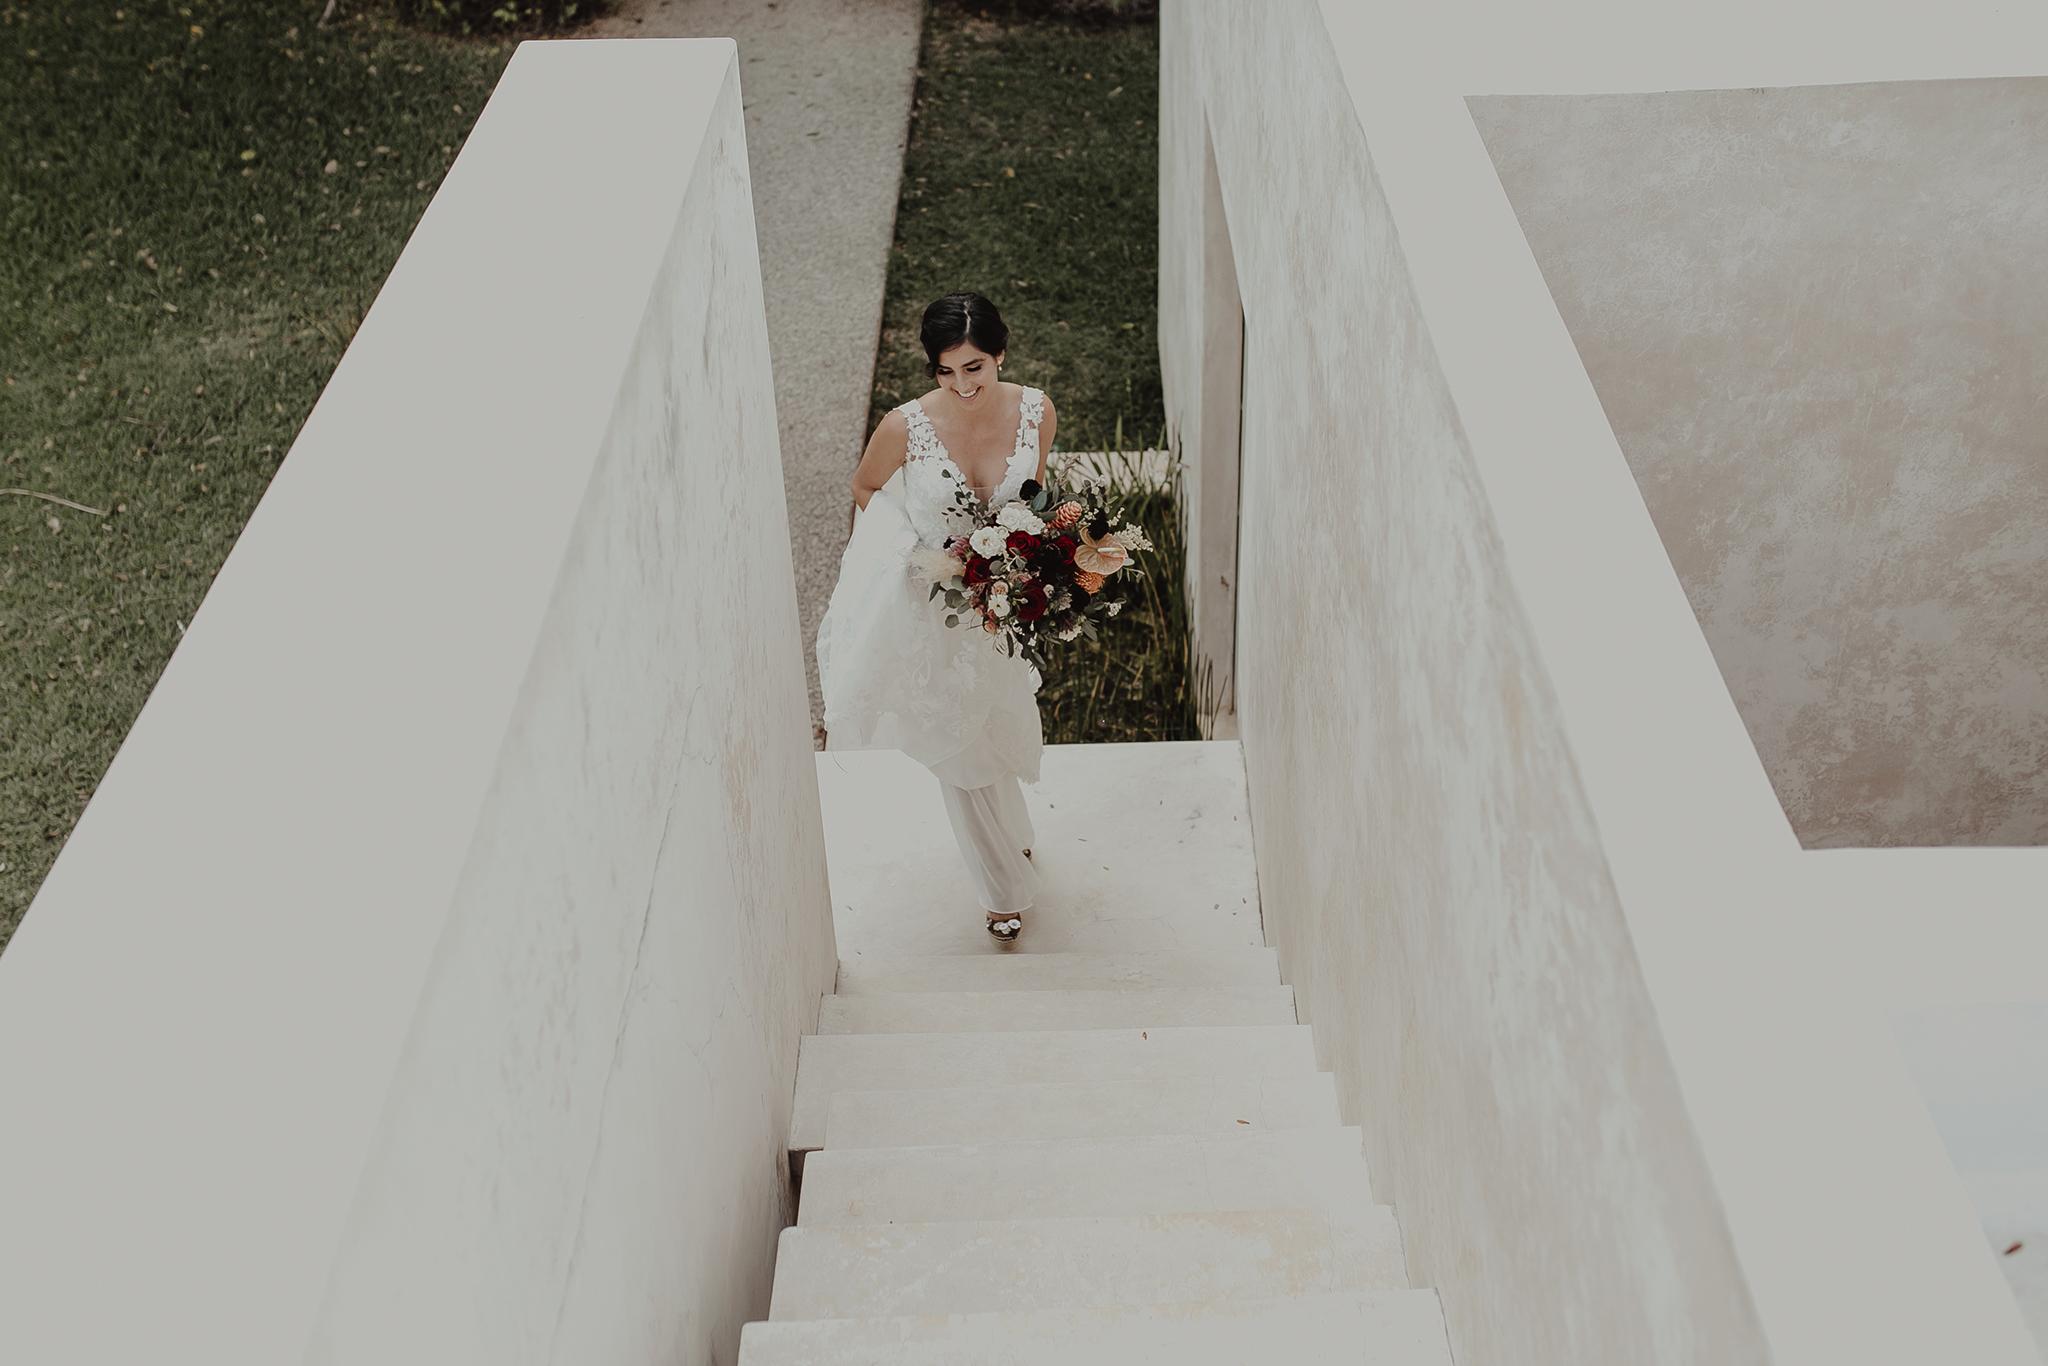 0075M&Cslide_WeddingMerida_.jpg